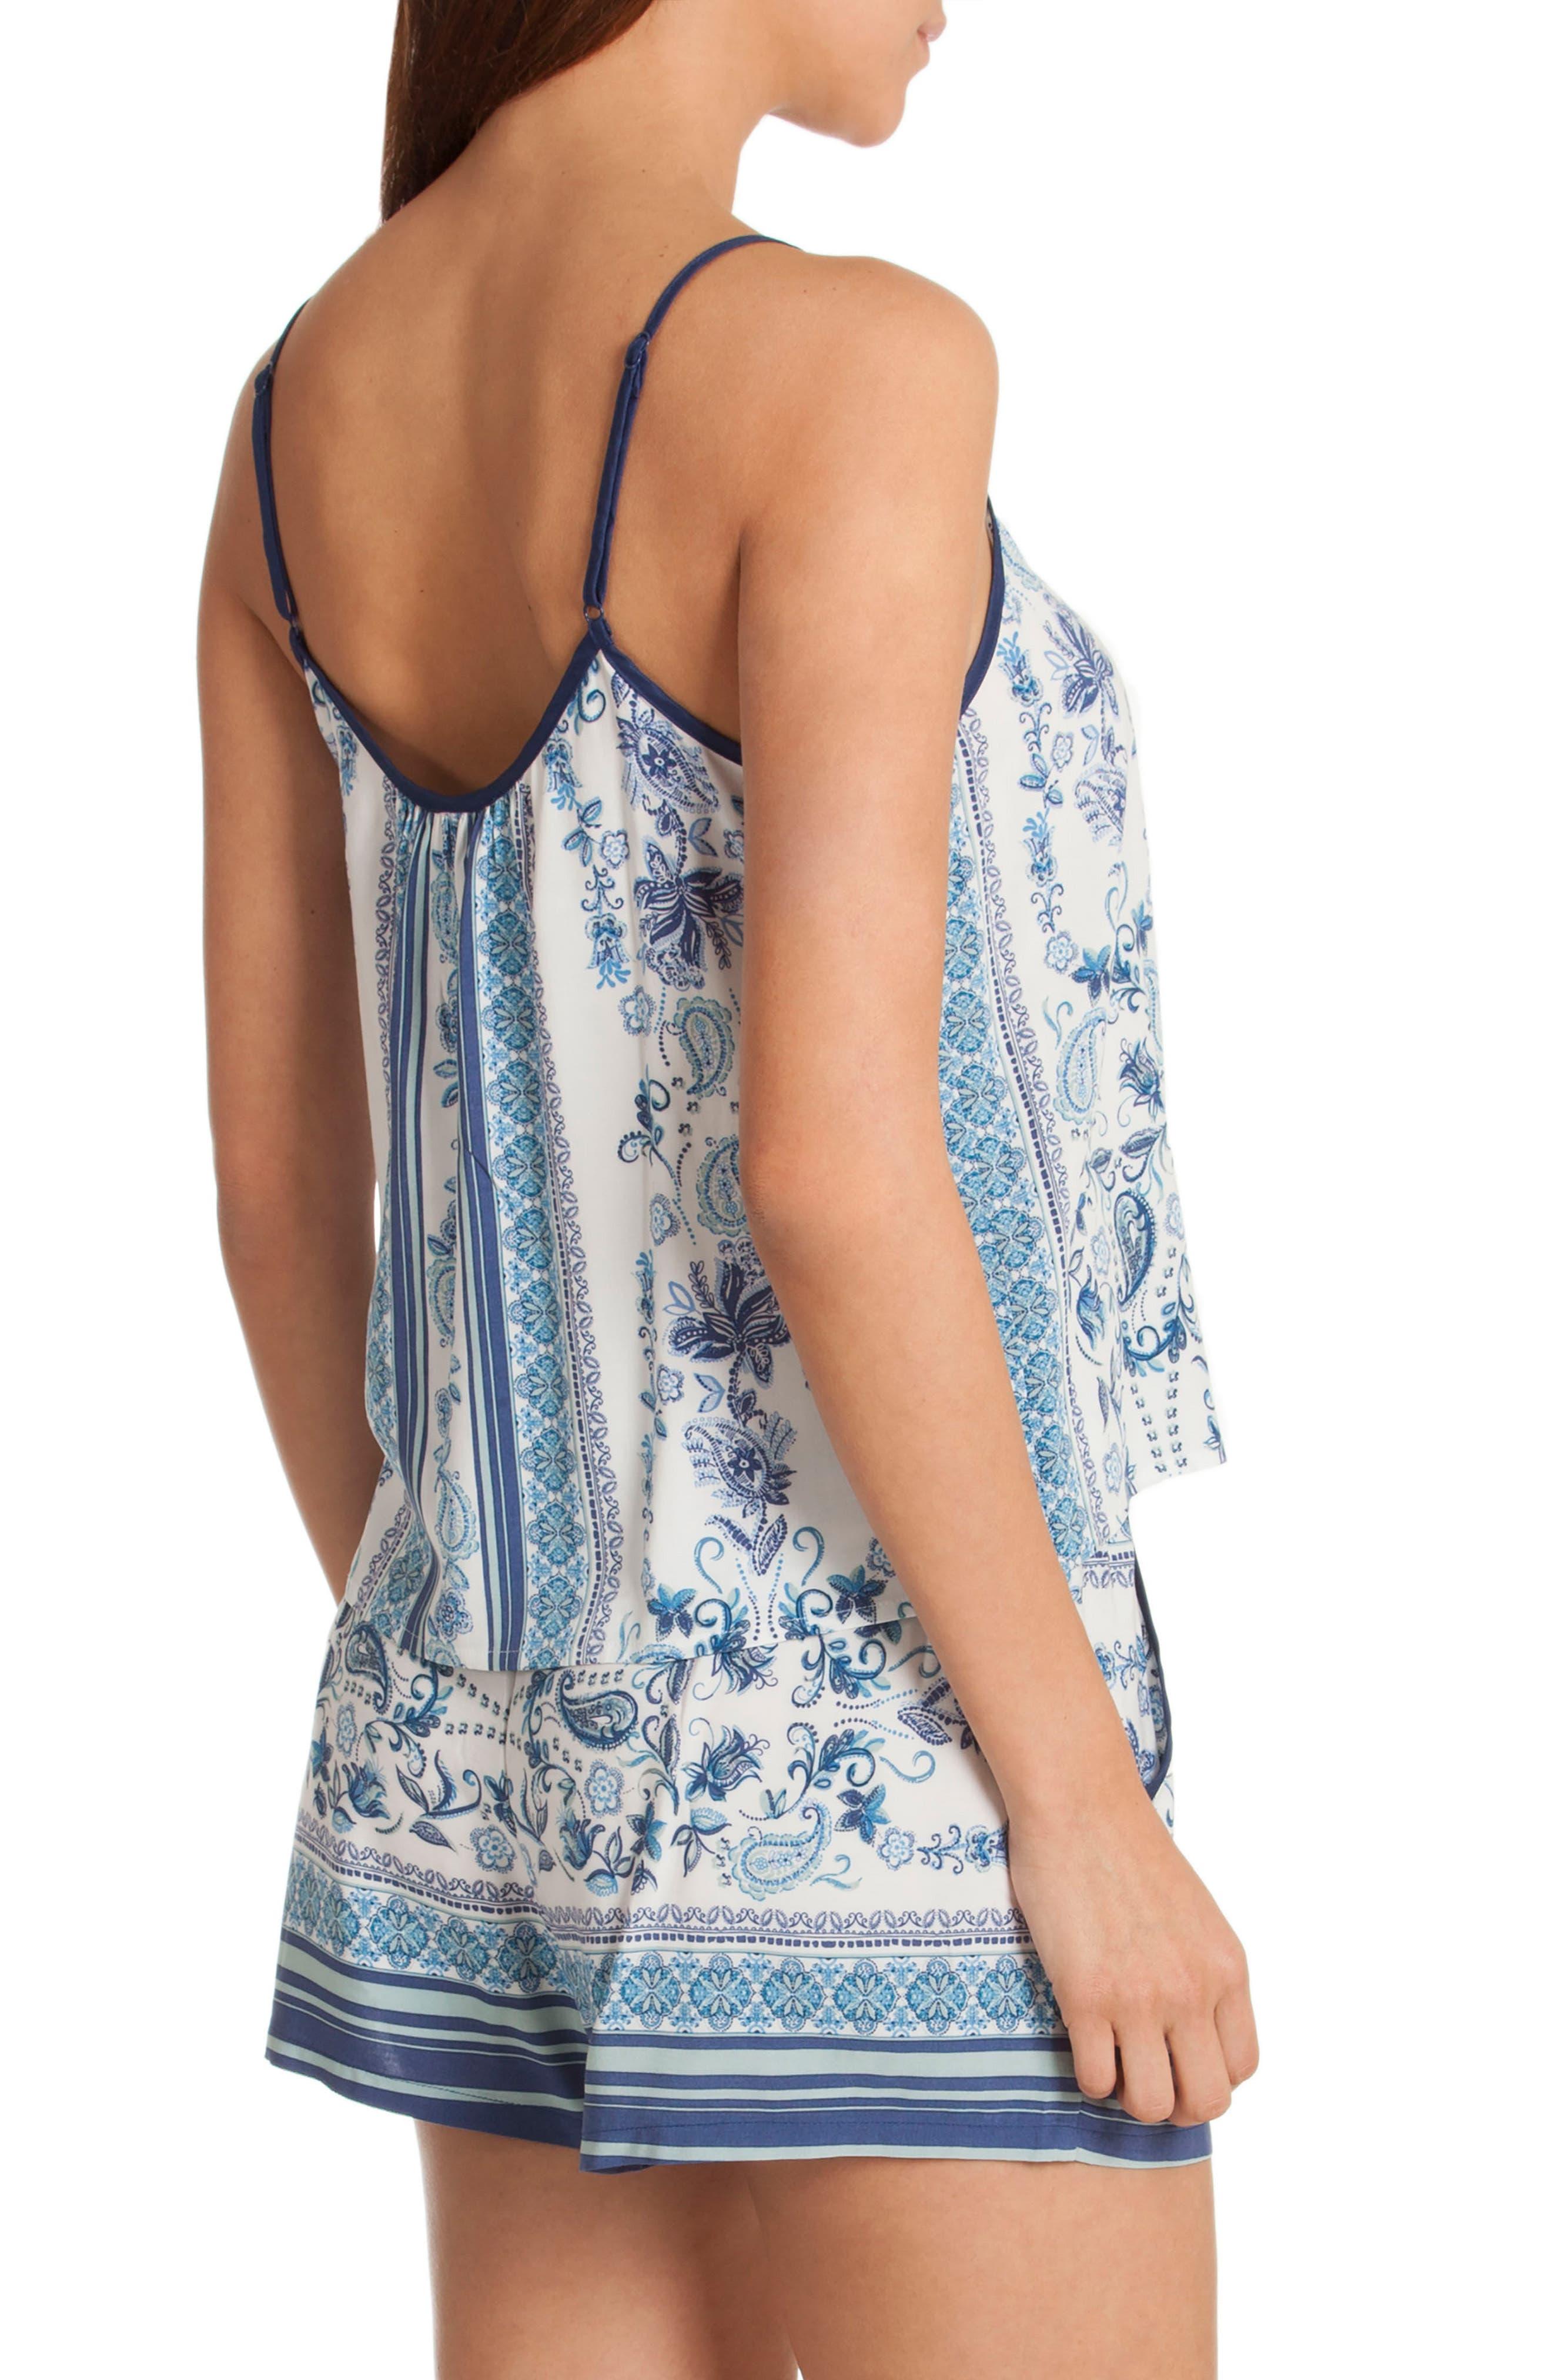 Short Pajamas,                             Alternate thumbnail 2, color,                             Blue/ White Print